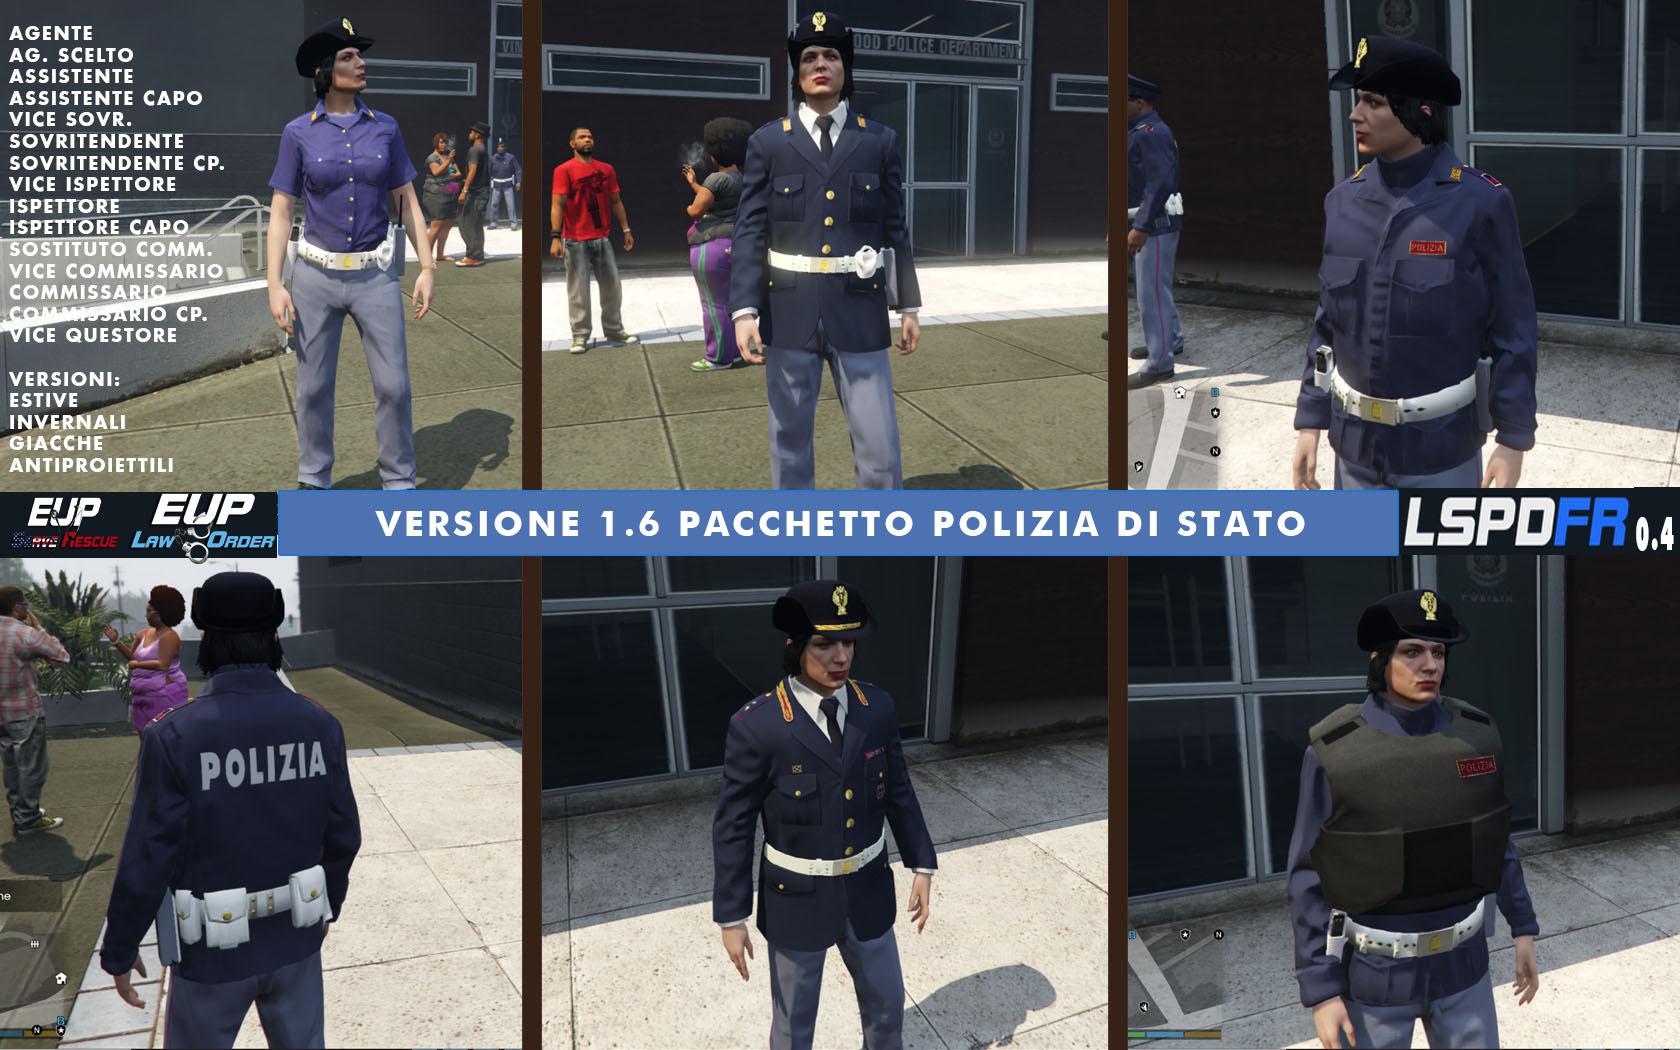 Divise italiane EUP per LSPDFR 0 4 - Italian uniforms - GTA5